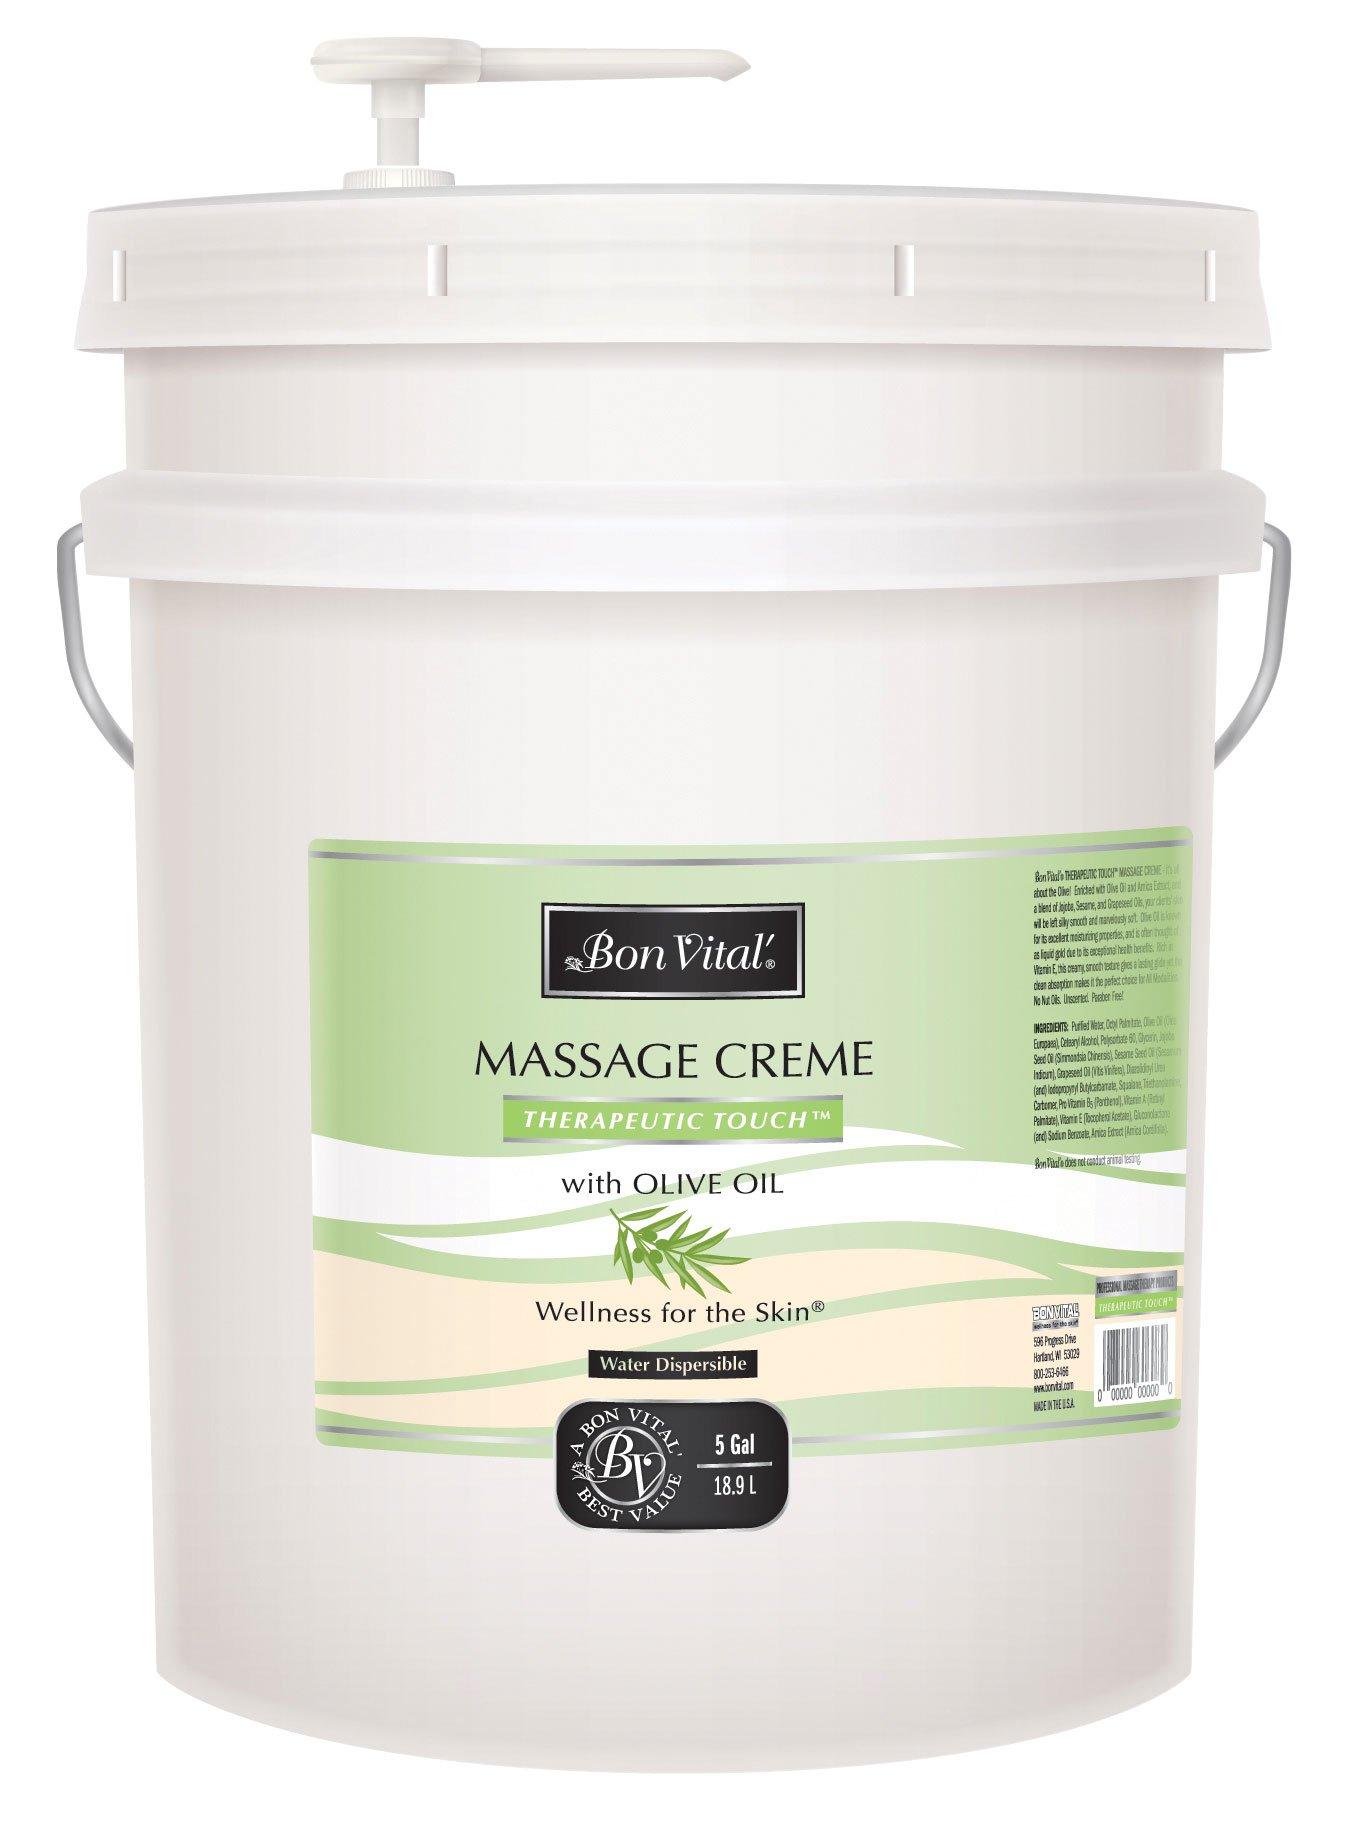 Bon Vital Therapeutic Touch Massage Creme, 5 Gallon Pail by Bon Vital